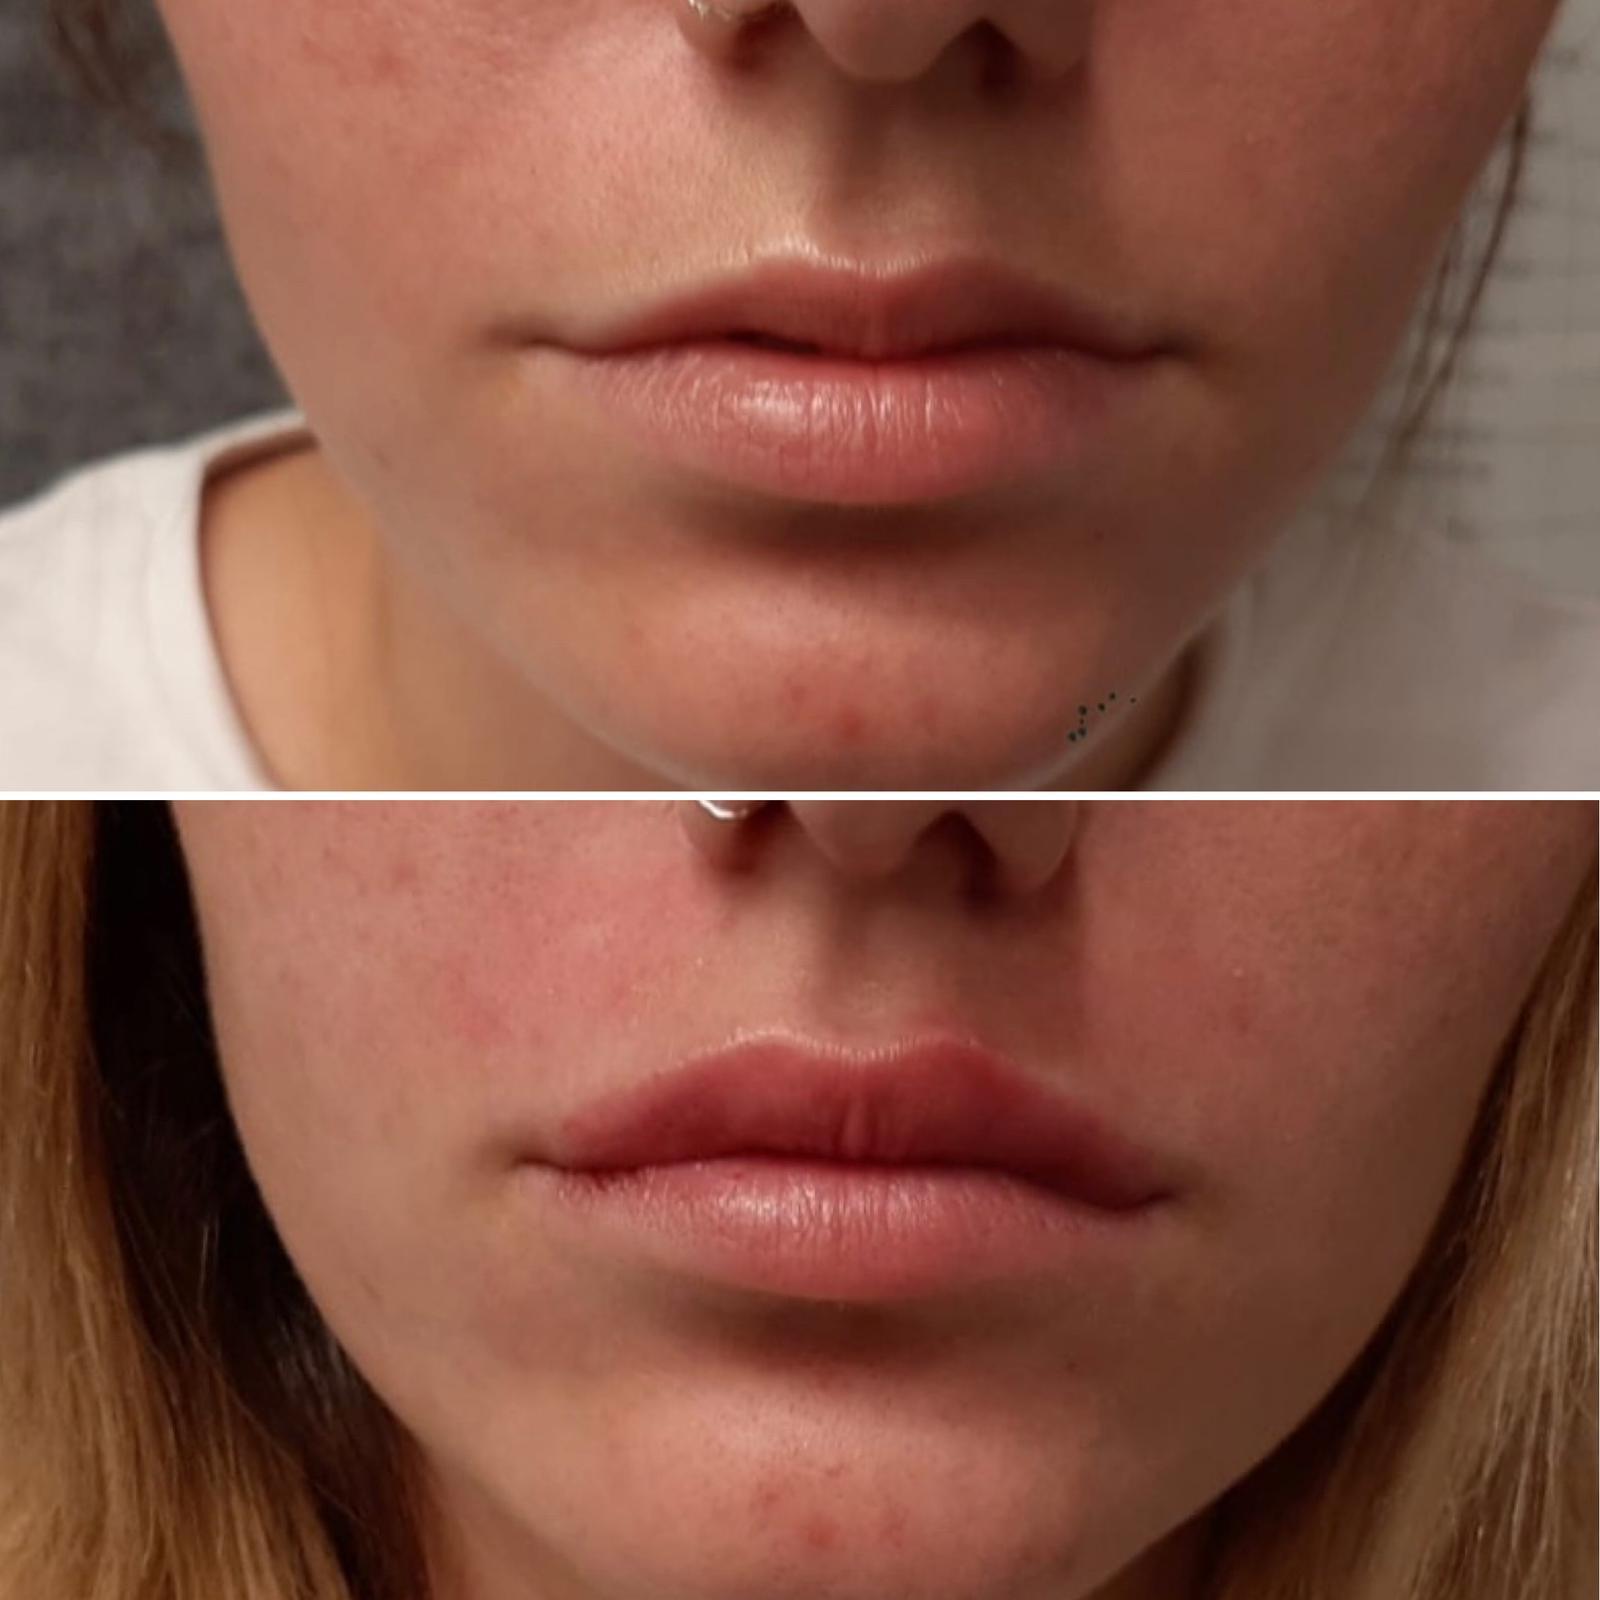 לפני ואחרי עיבוי שפתיים